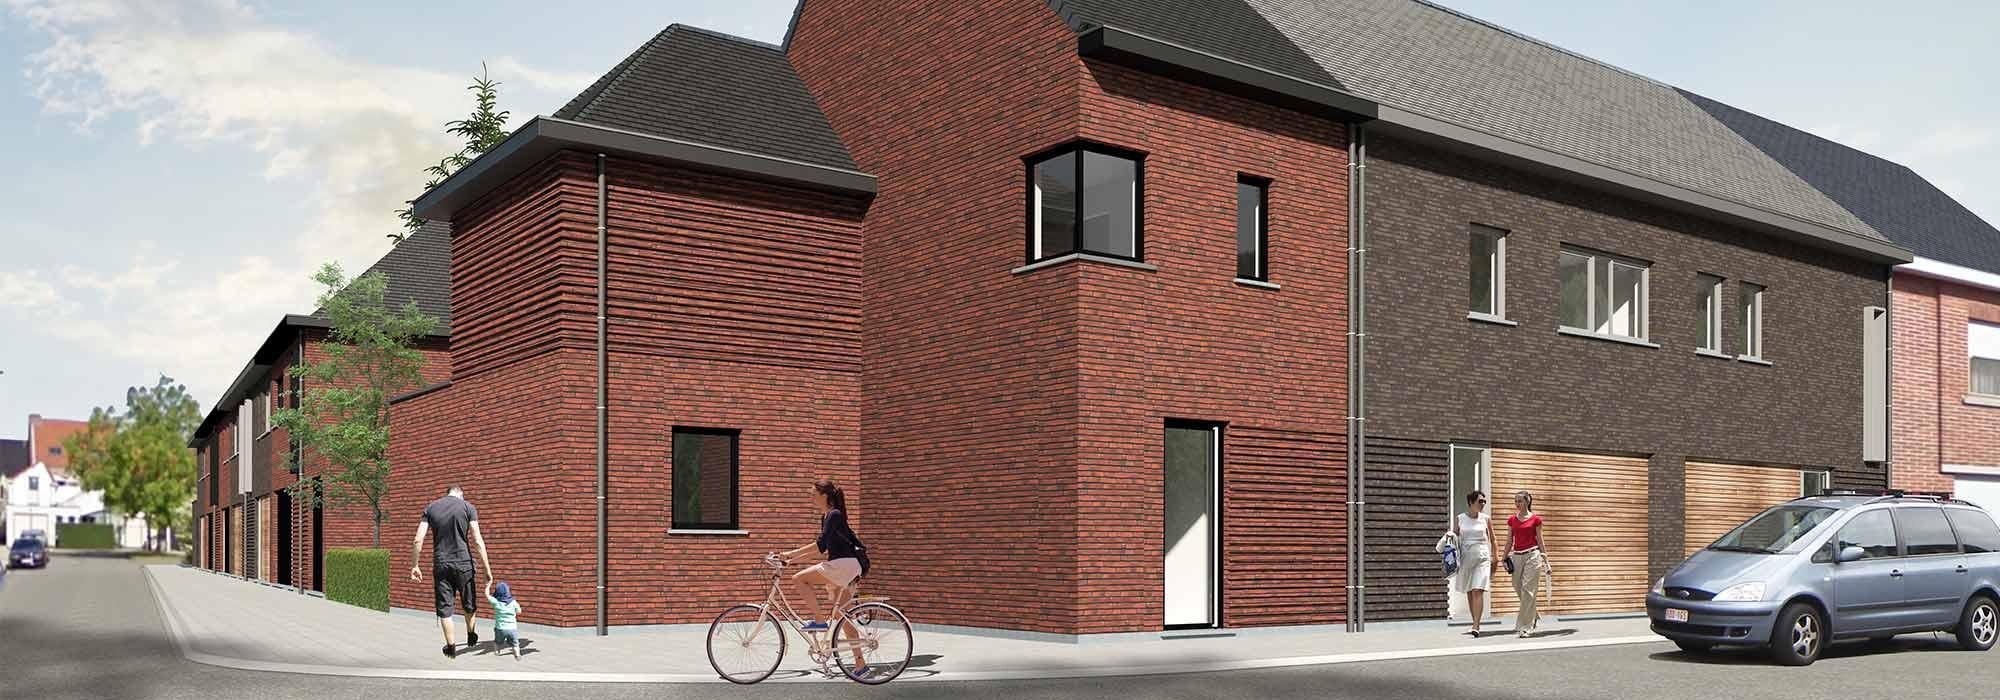 Project St. Laurentiusstraat – Abdijsteeg – Ename